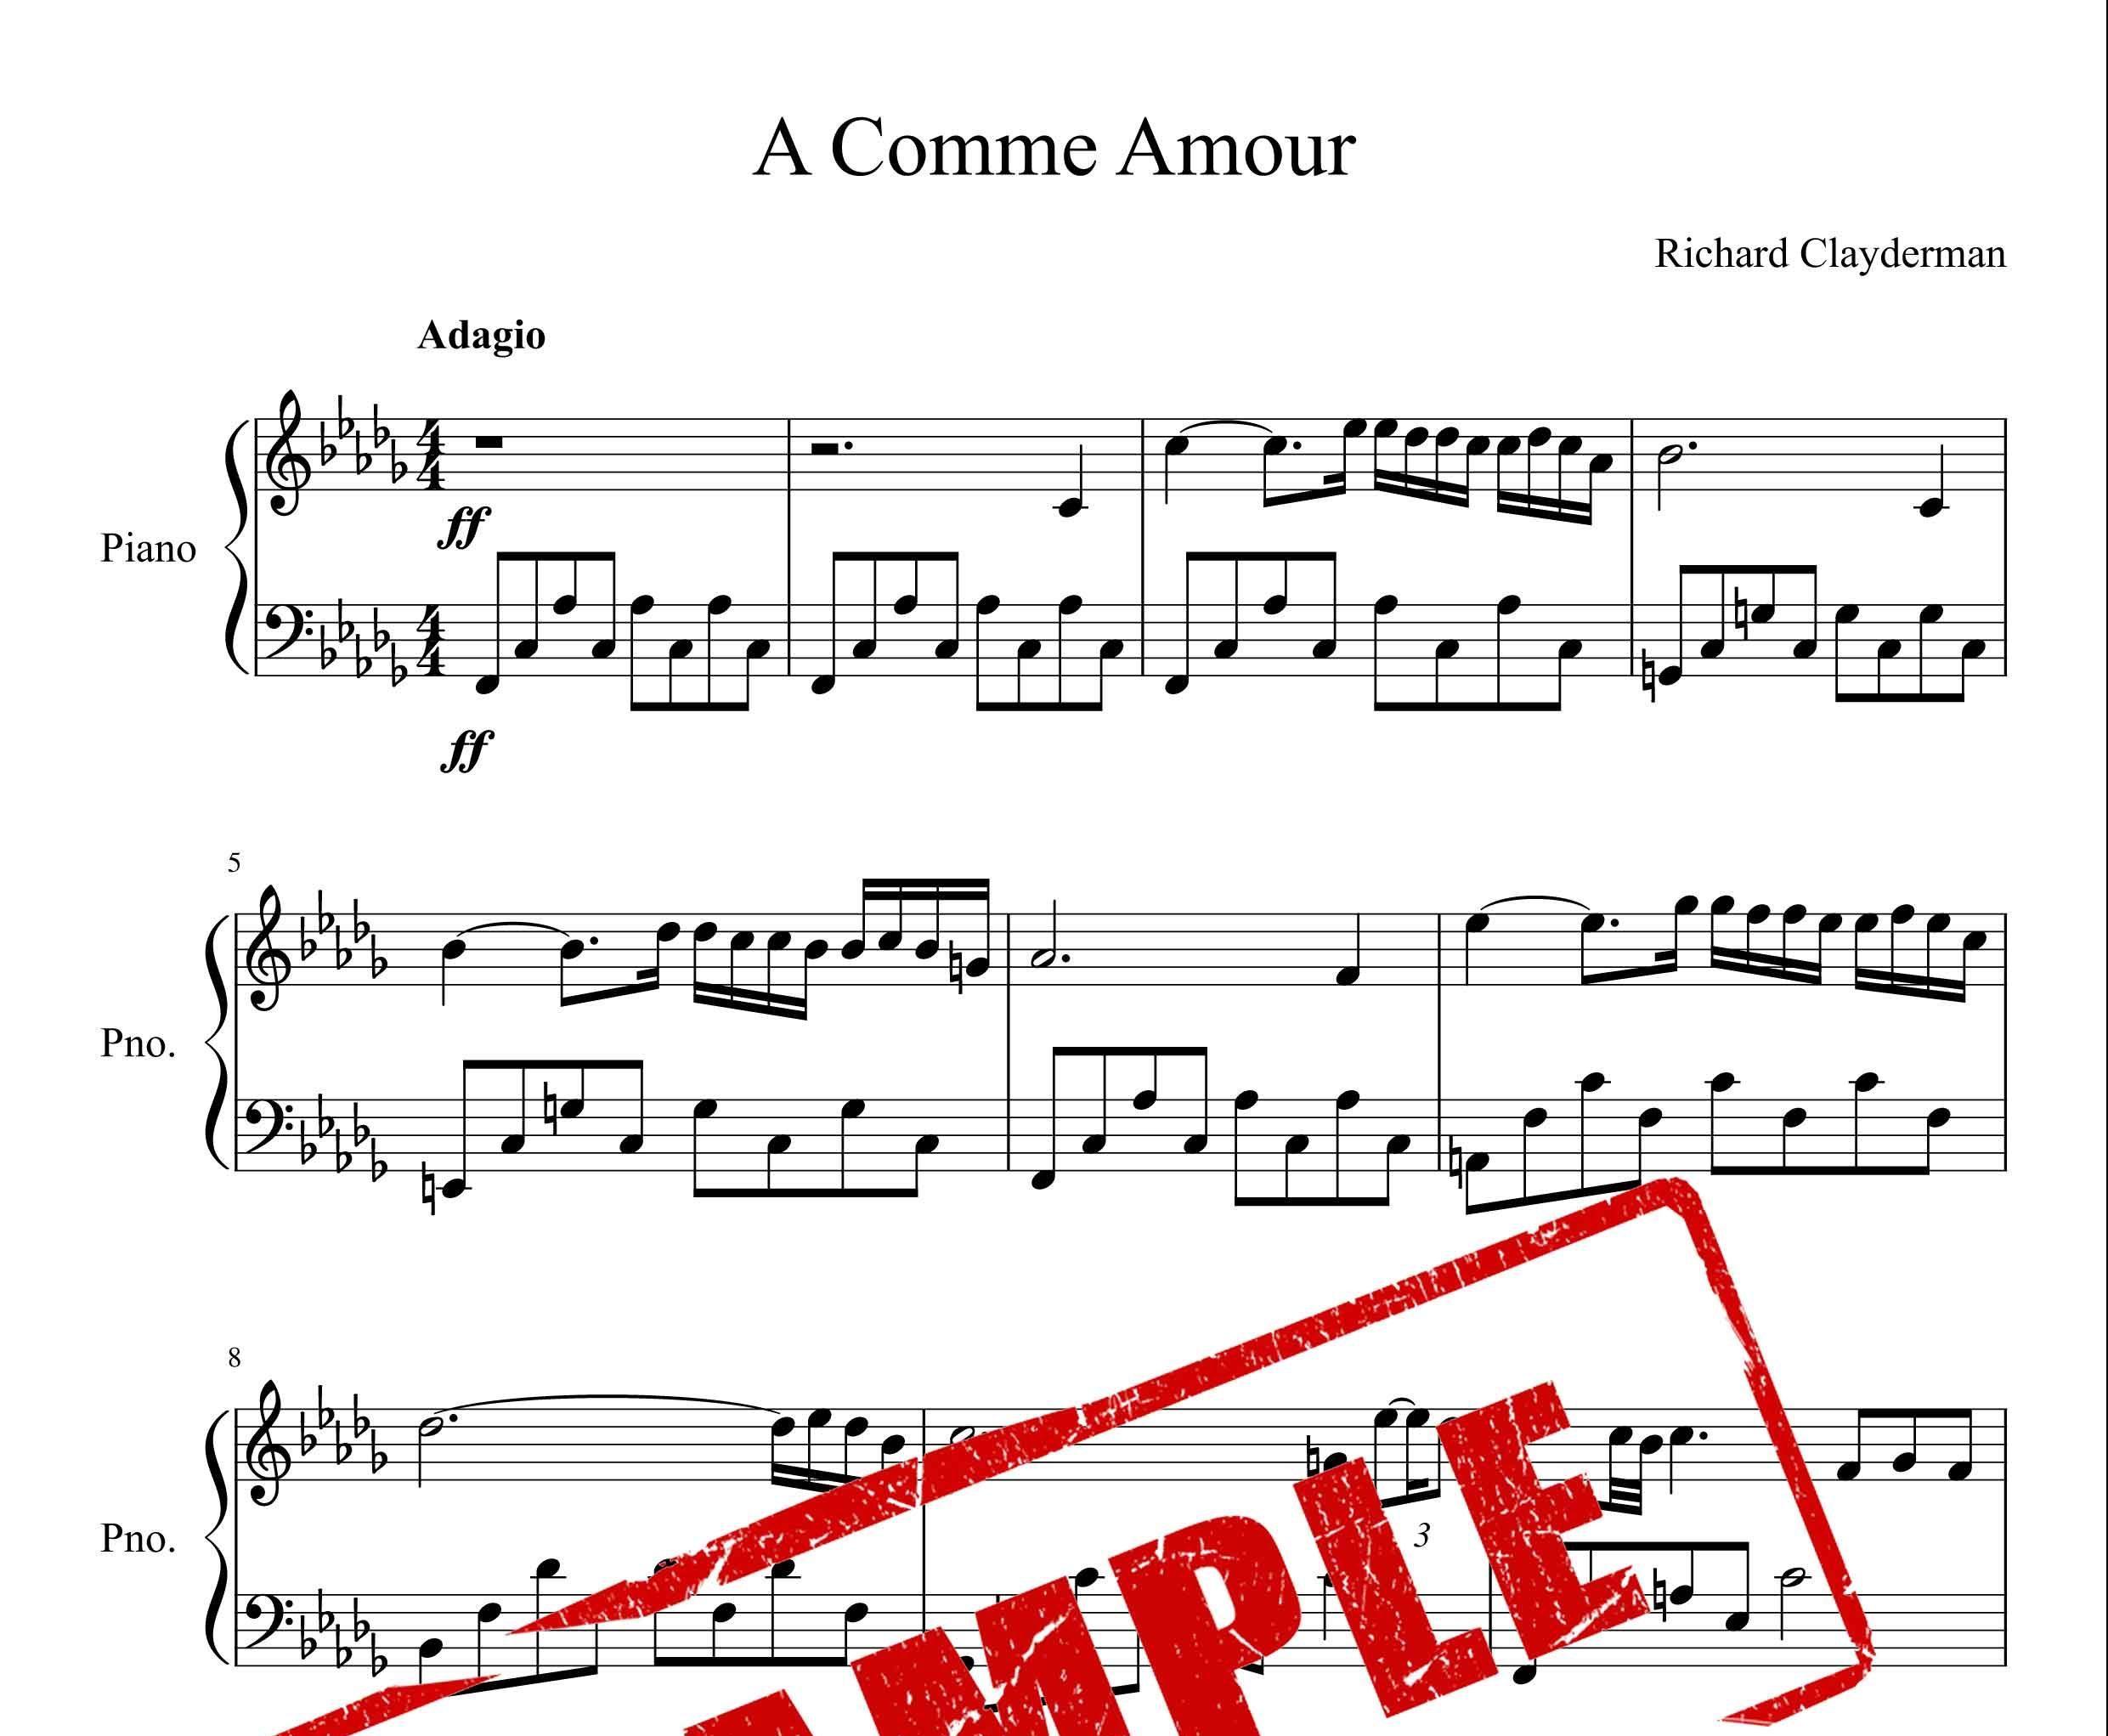 نت پیانوی قطعه A Comme Amour از ریچارد کلایدرمن